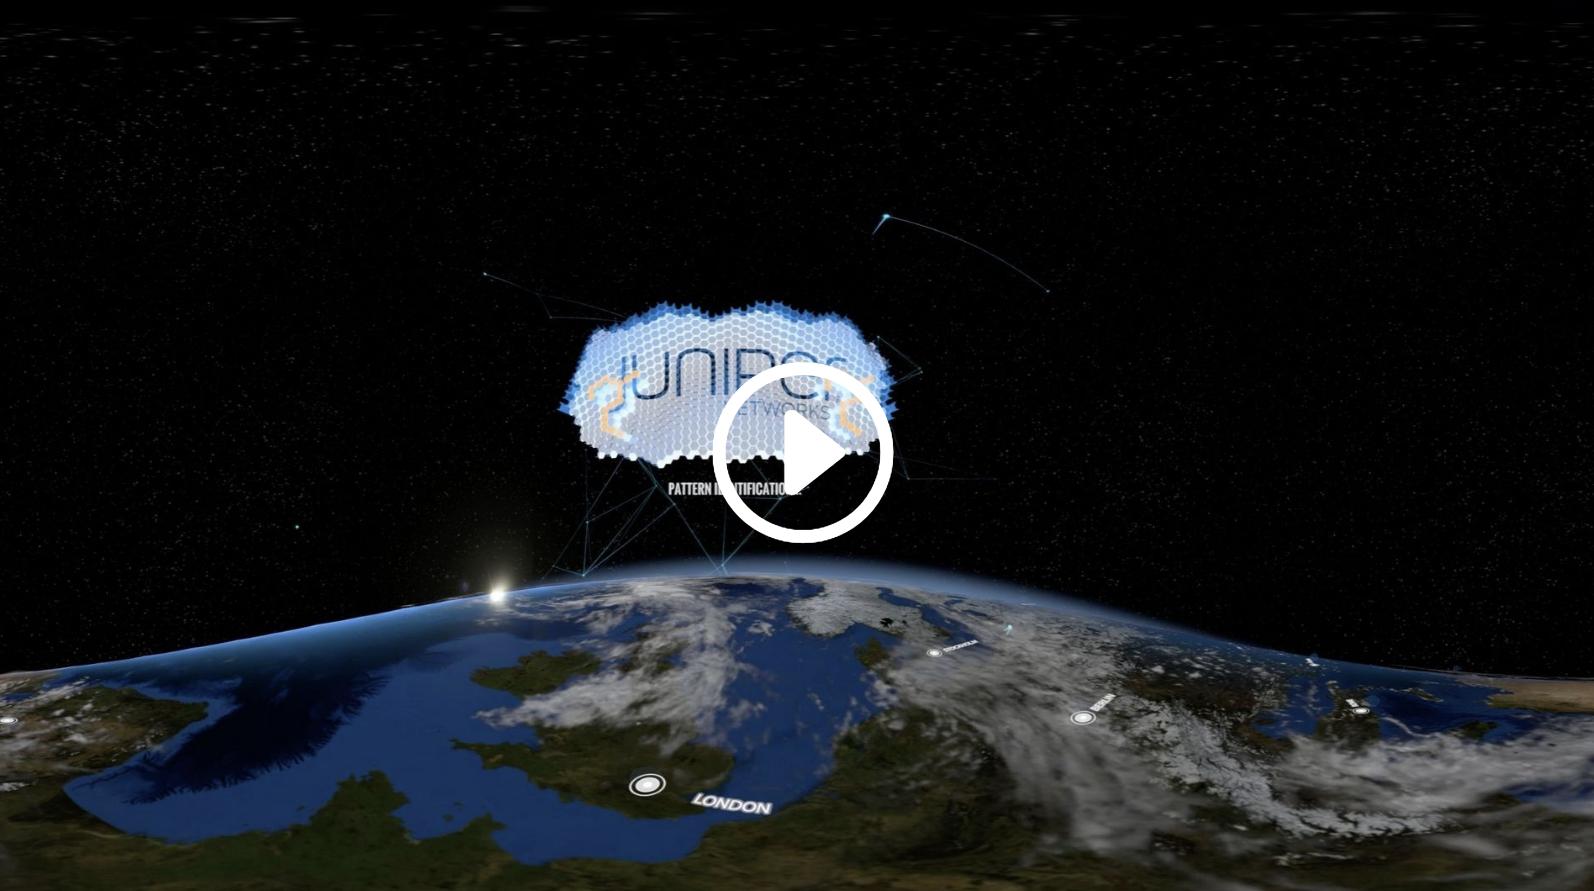 création de vidéo 360 VR 3D pour communication innovante